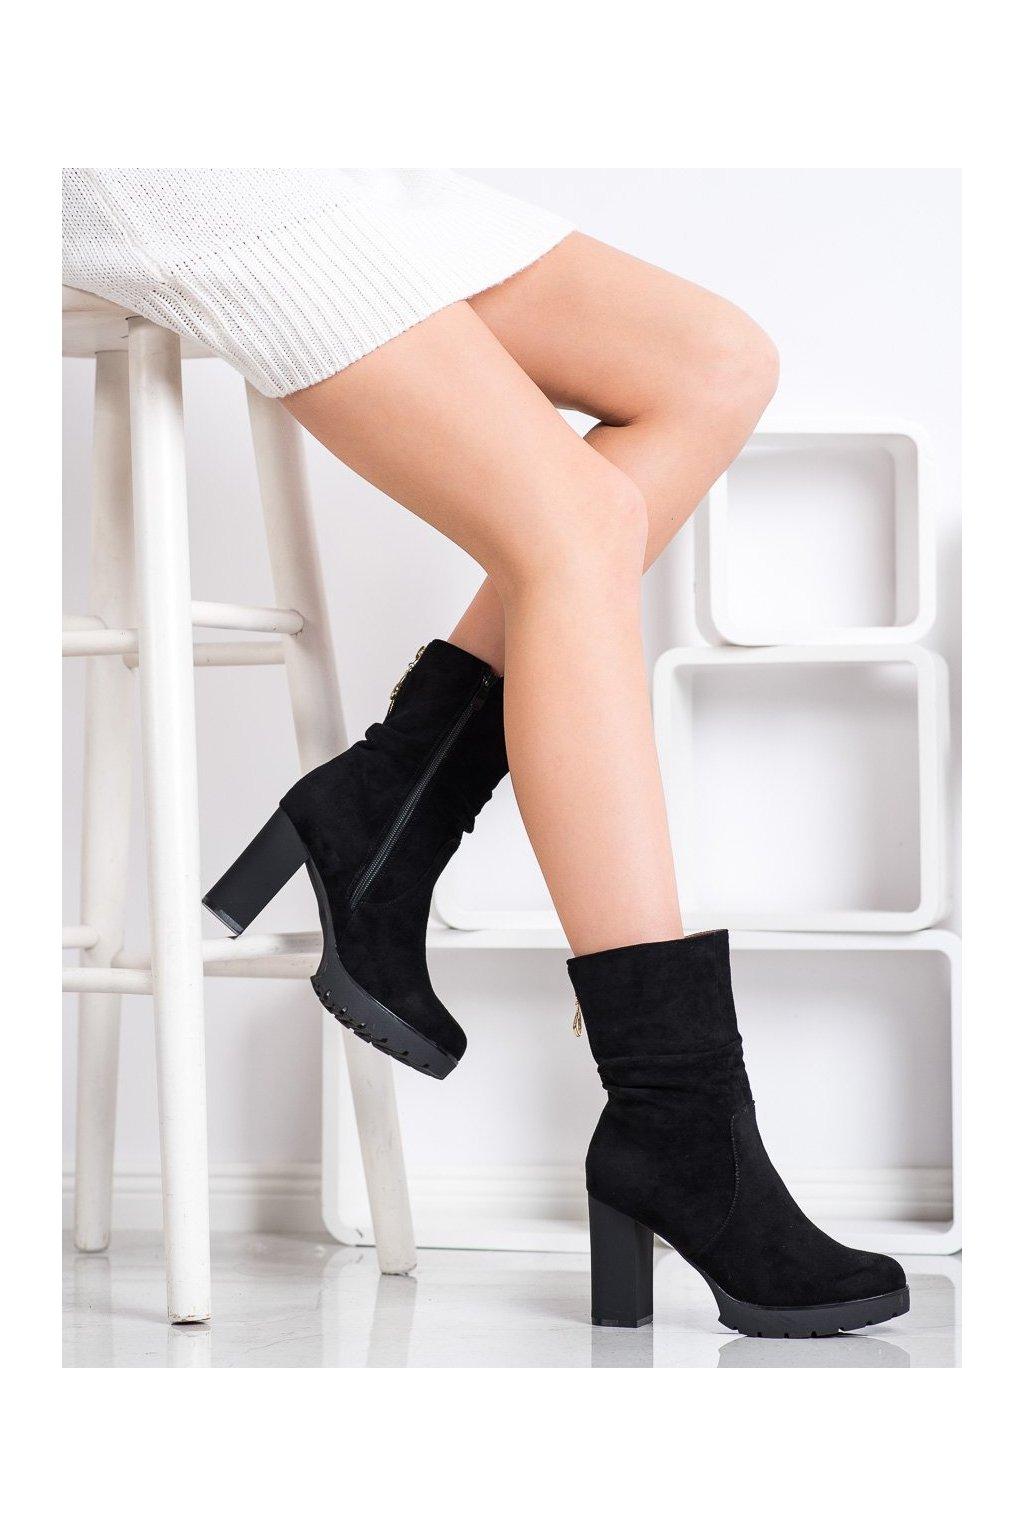 Čierne dámske topánky Bella paris kod A5800B